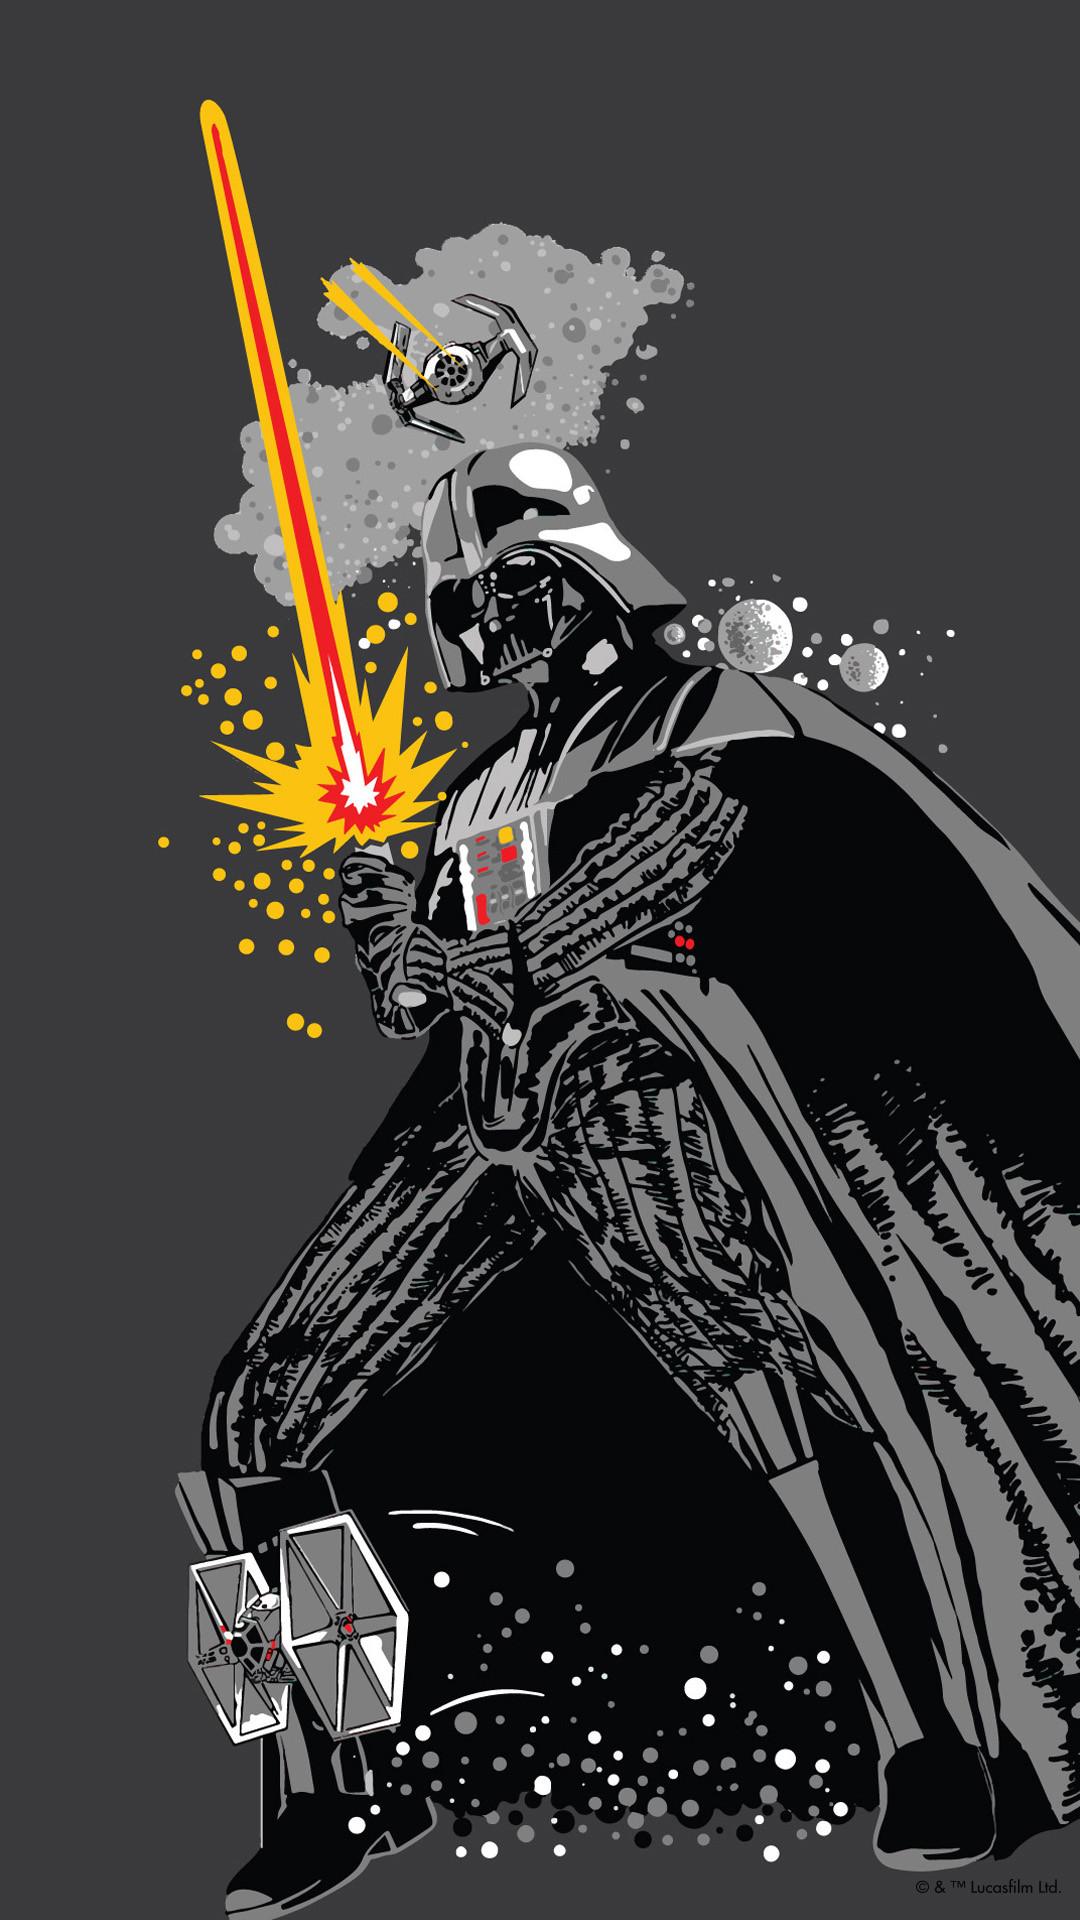 1080x1920 Star Wars Iphone Darth Vader Wallpaper Iphone 7 Hd Star Wars 1080x1920 Wallpaper Teahub Io